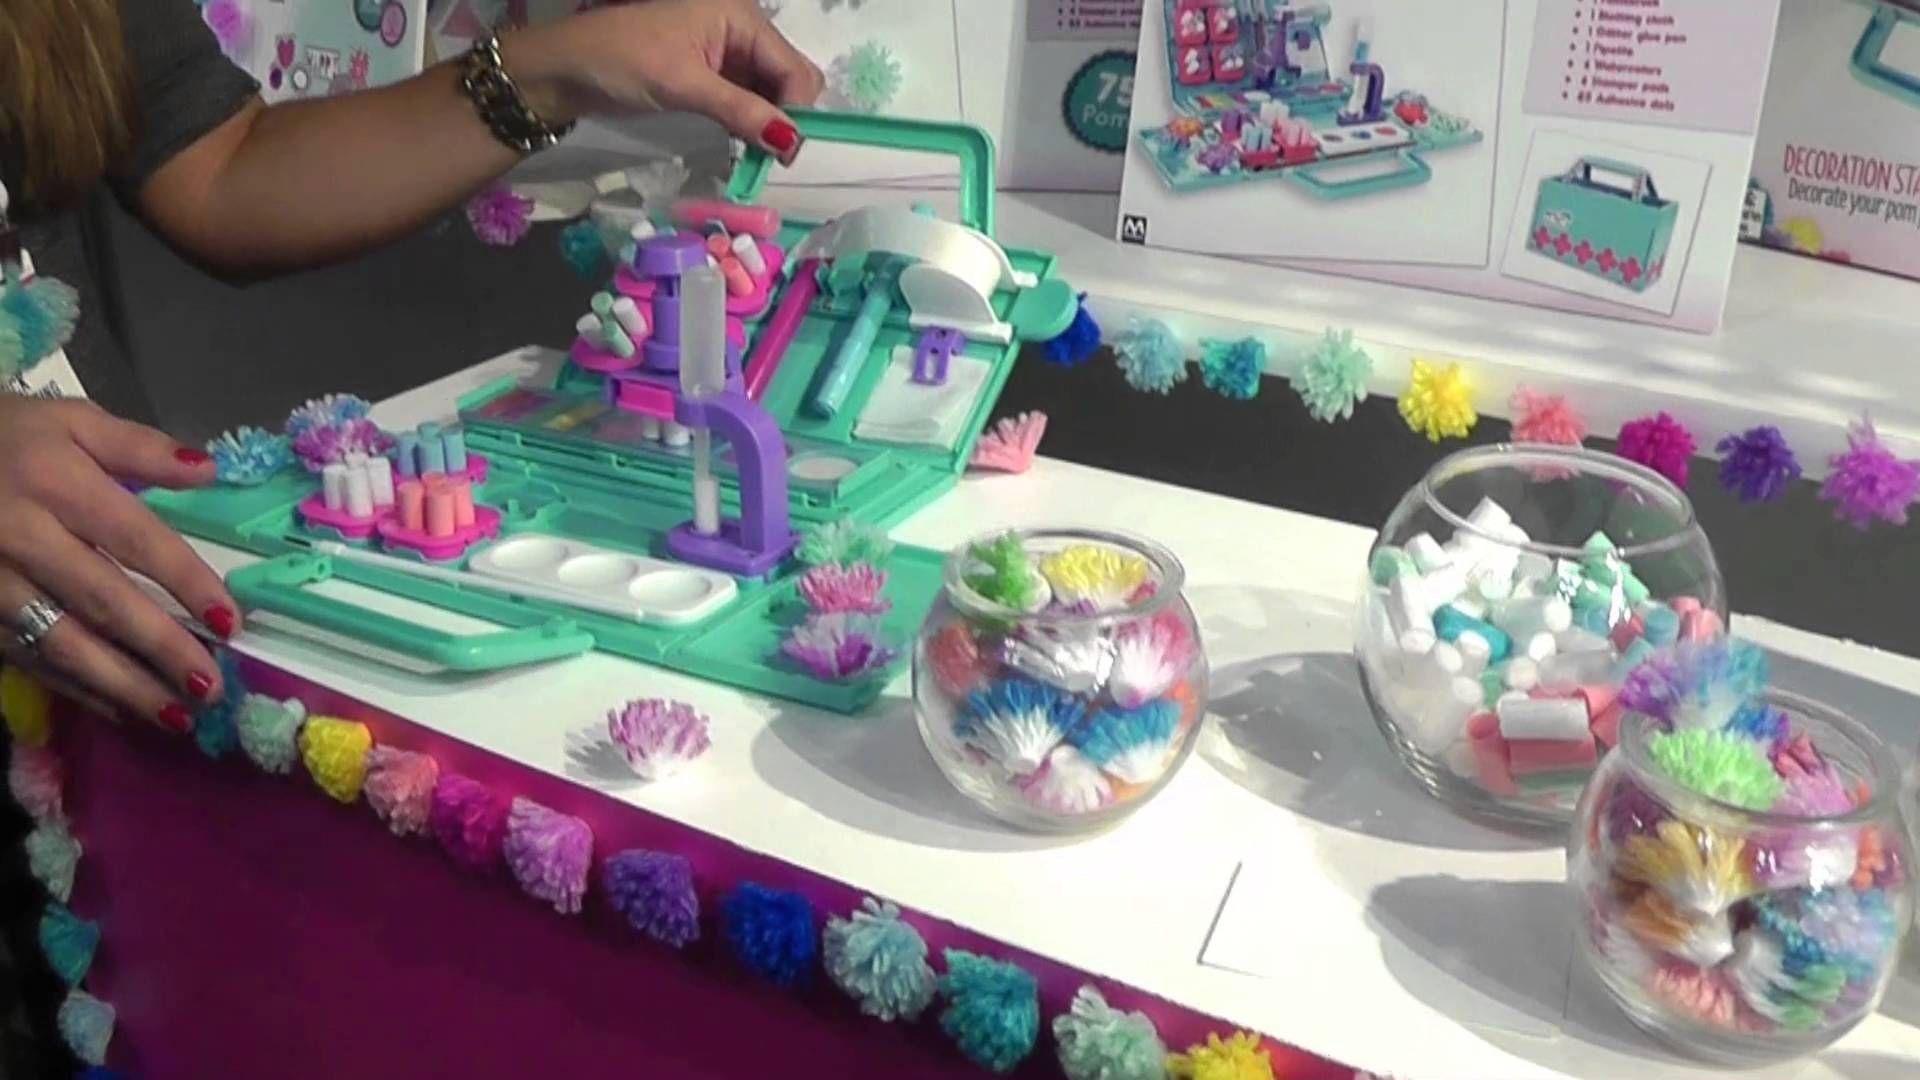 Pom Pom Wow! #kidscrafts #kidscrafting #pompomwow | New Toys for ...